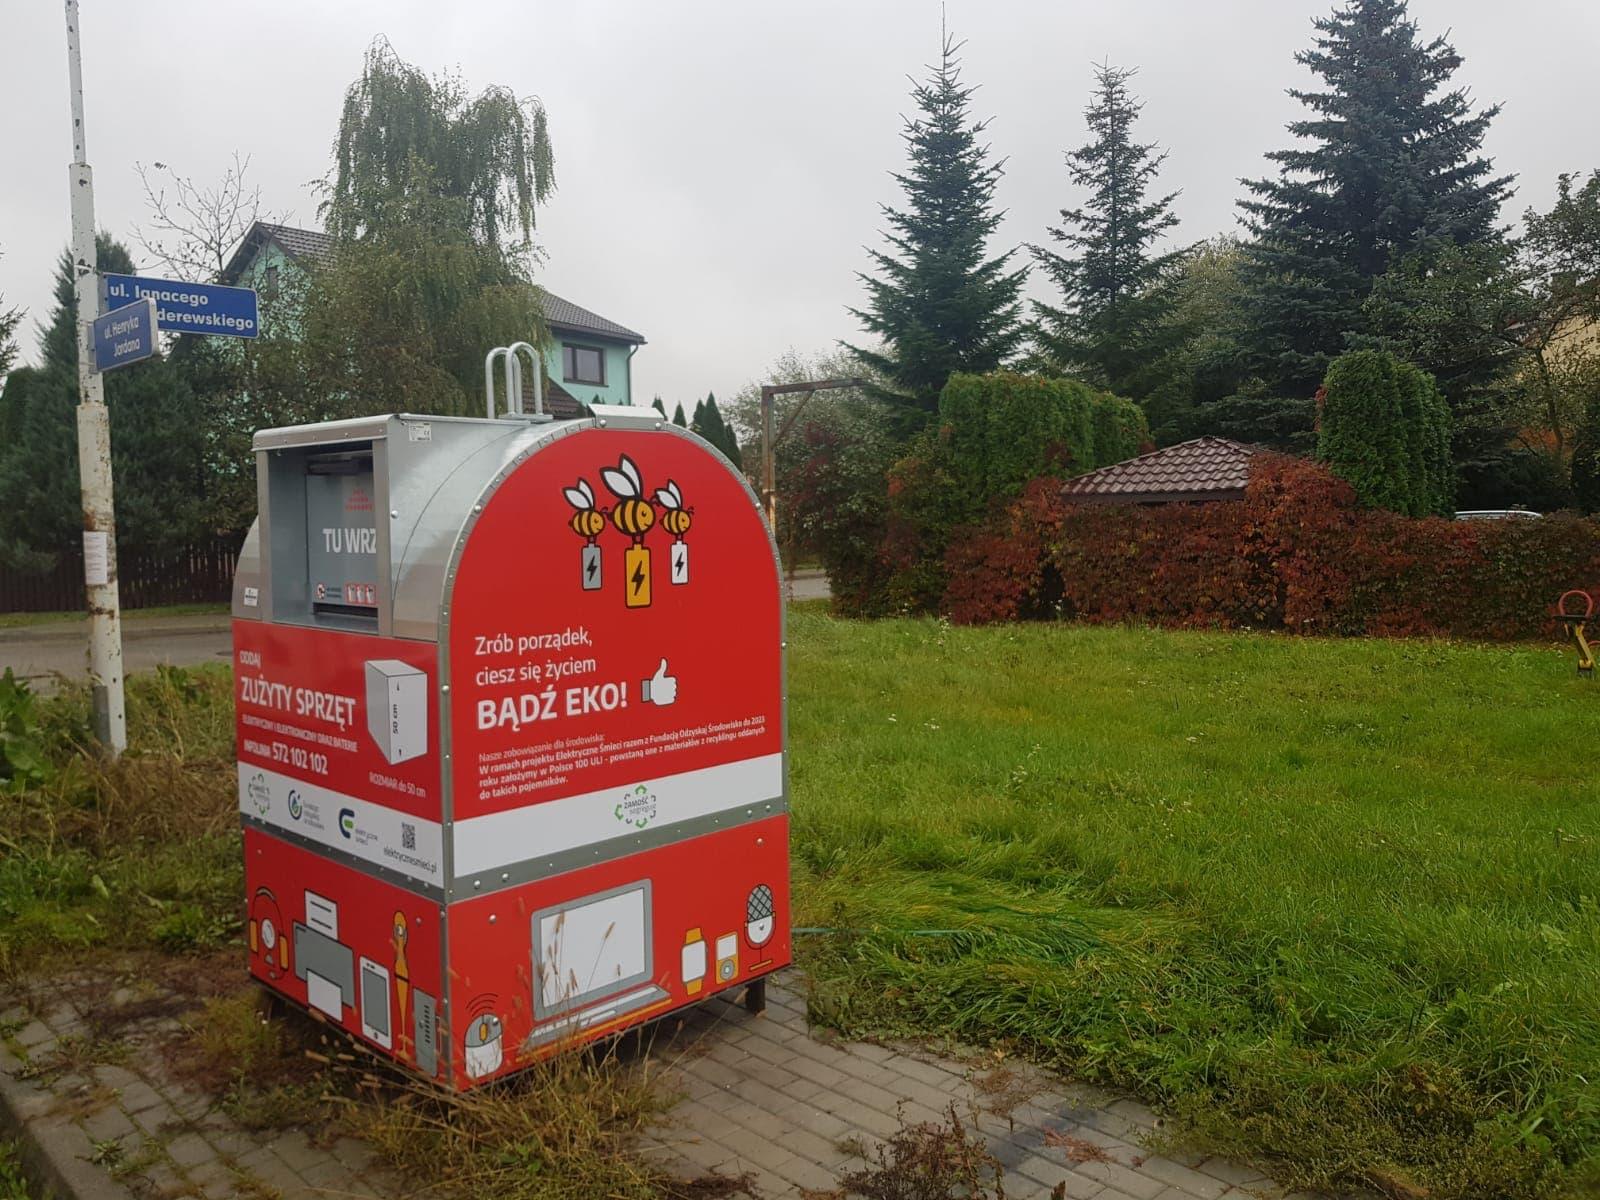 122304698 183434116696607 8821465347827126658 o Mieszkańcy Zamościa łatwiej pozbędą się elektrośmieci.